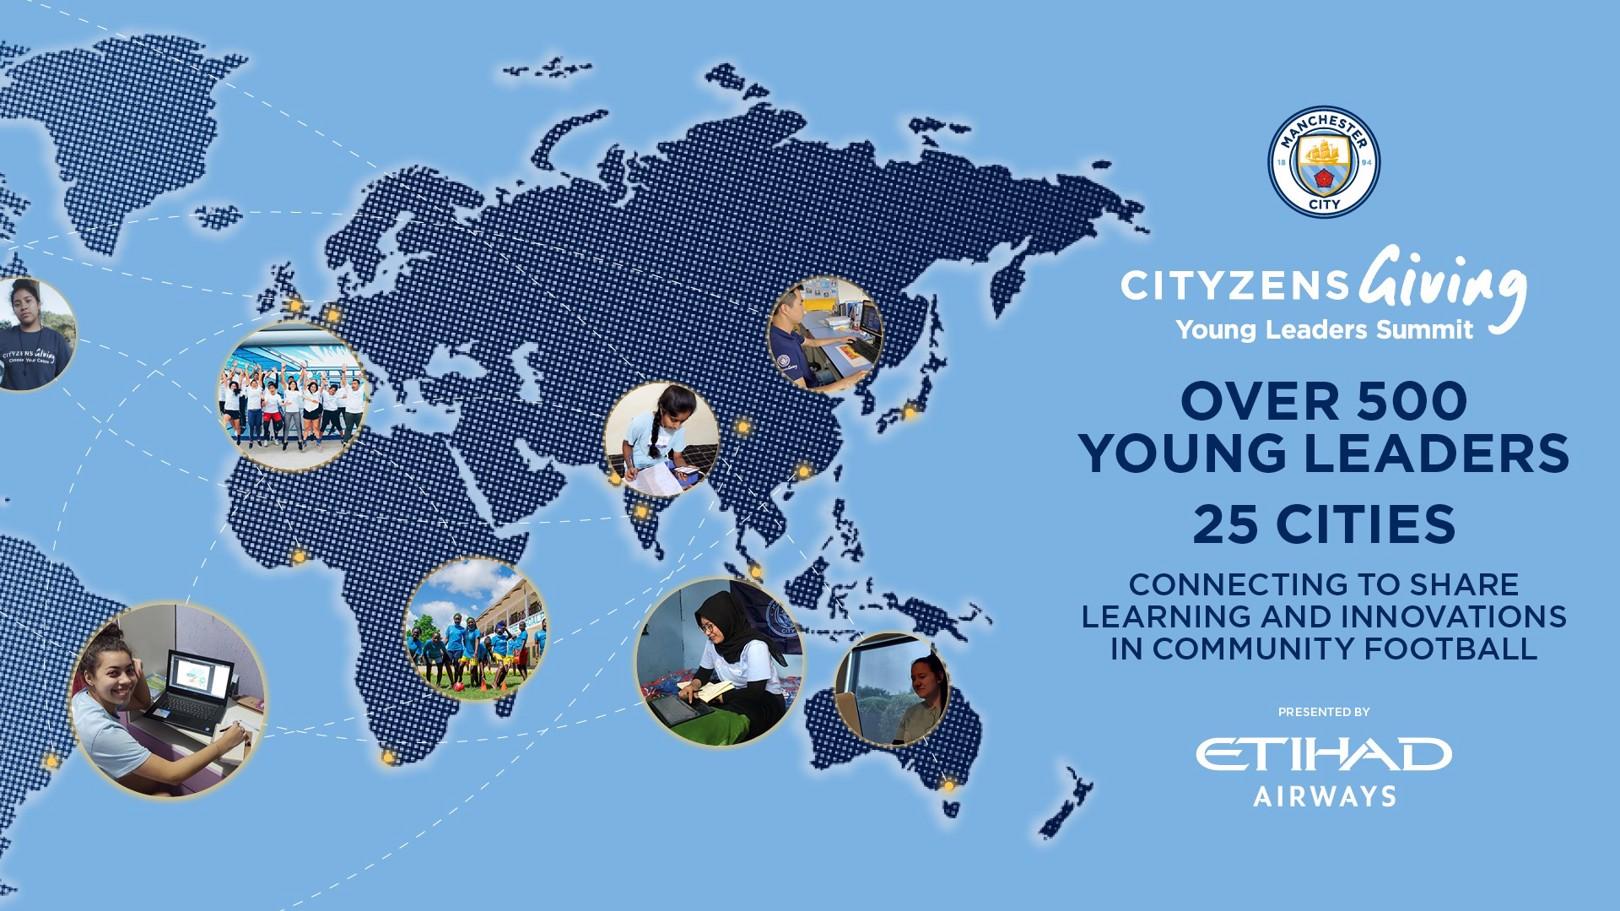 السيتي يجمع عددا قياسيا من القادة الشباب في القمة العالمية للقادة